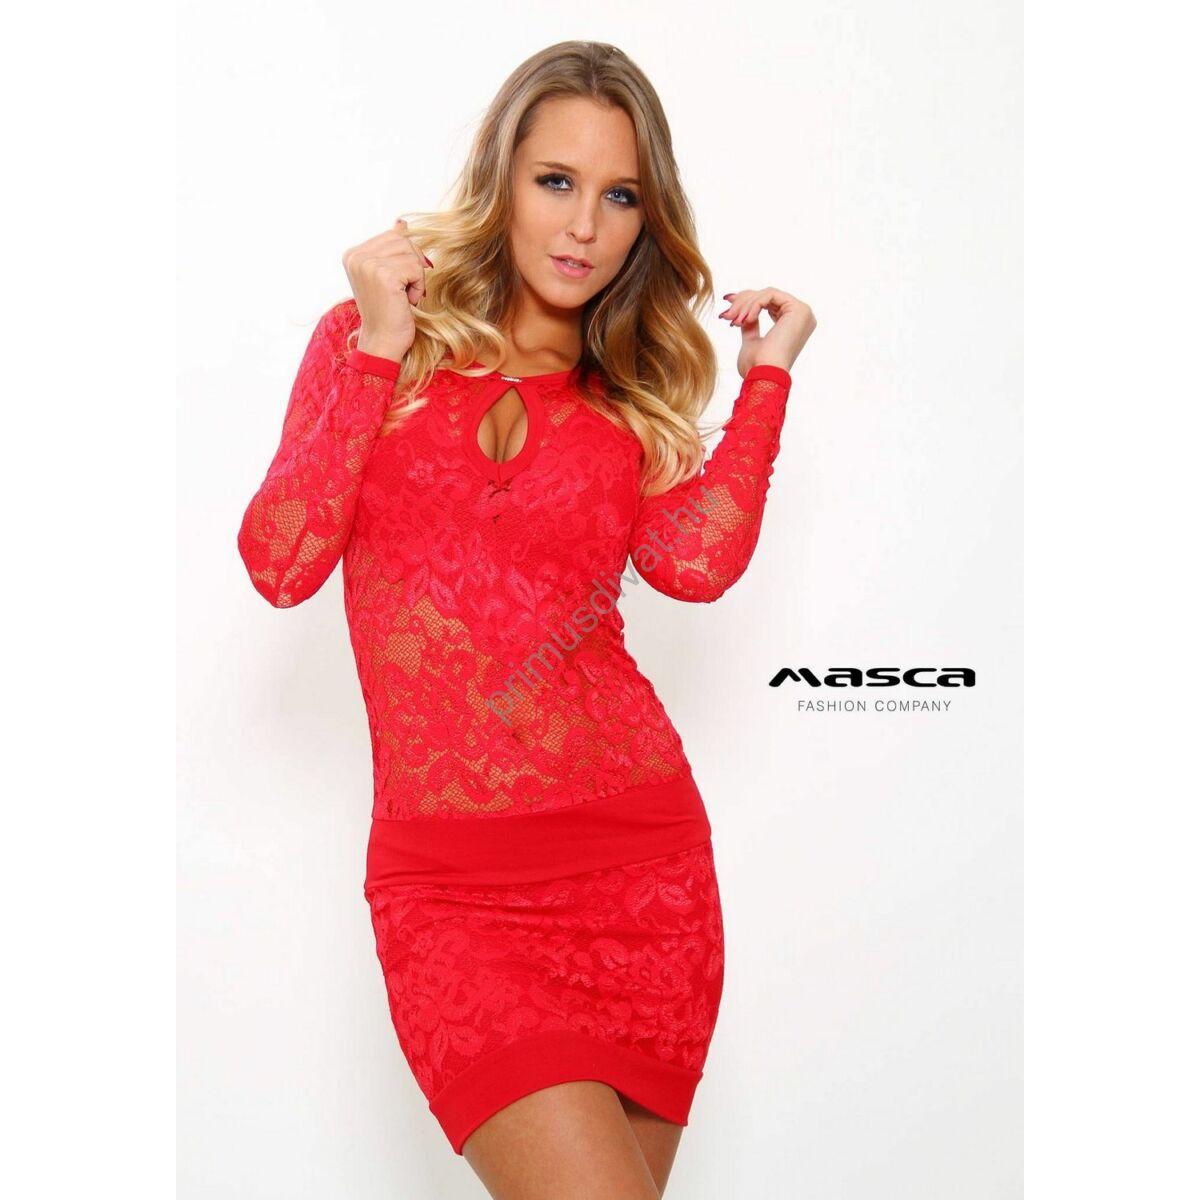 Masca Fashion Szorcsik Viki piros alkalmi csipkeruha f8606008de